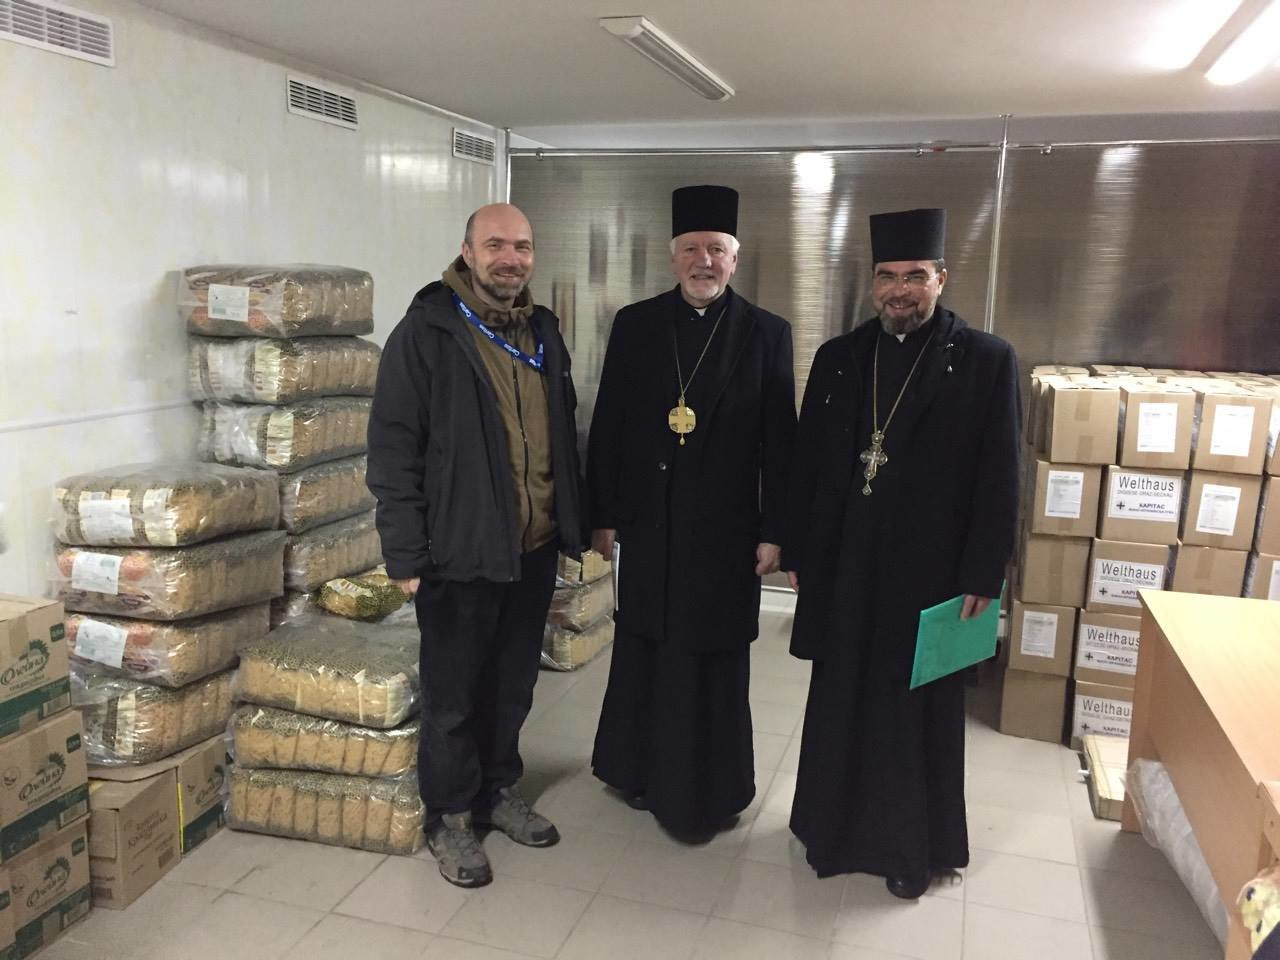 Івано-франківські священики і благодійники поїхали у зону АТО. ФОТО, фото-2